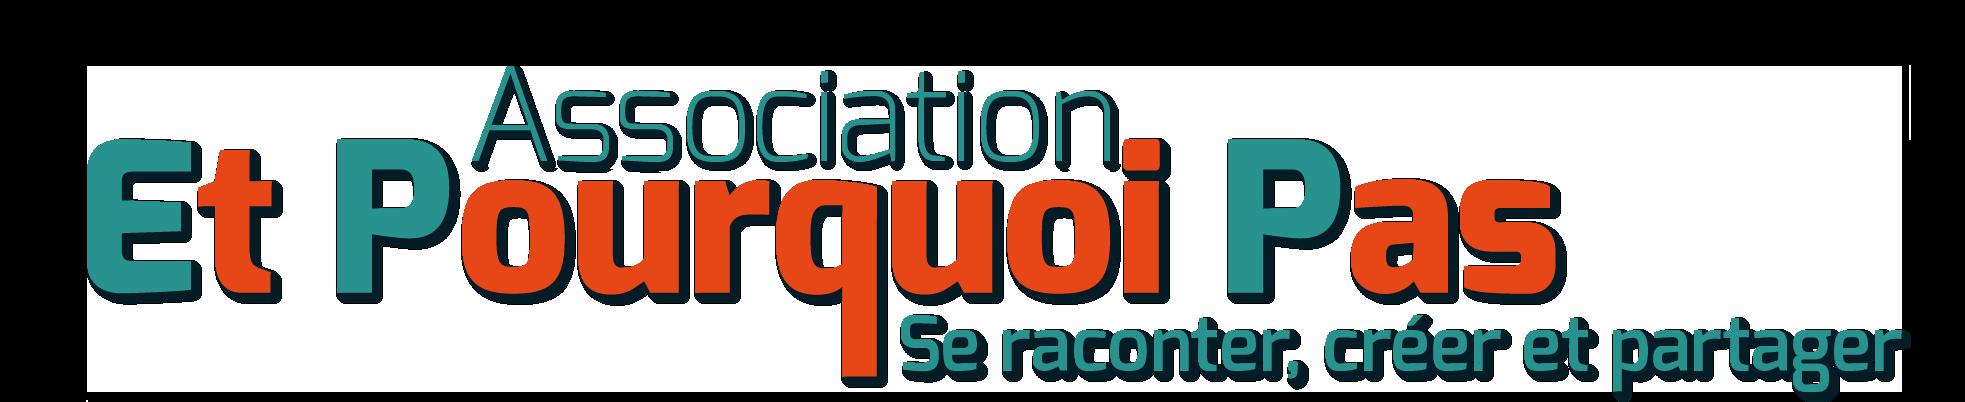 Association Et Pourquoi pas logo